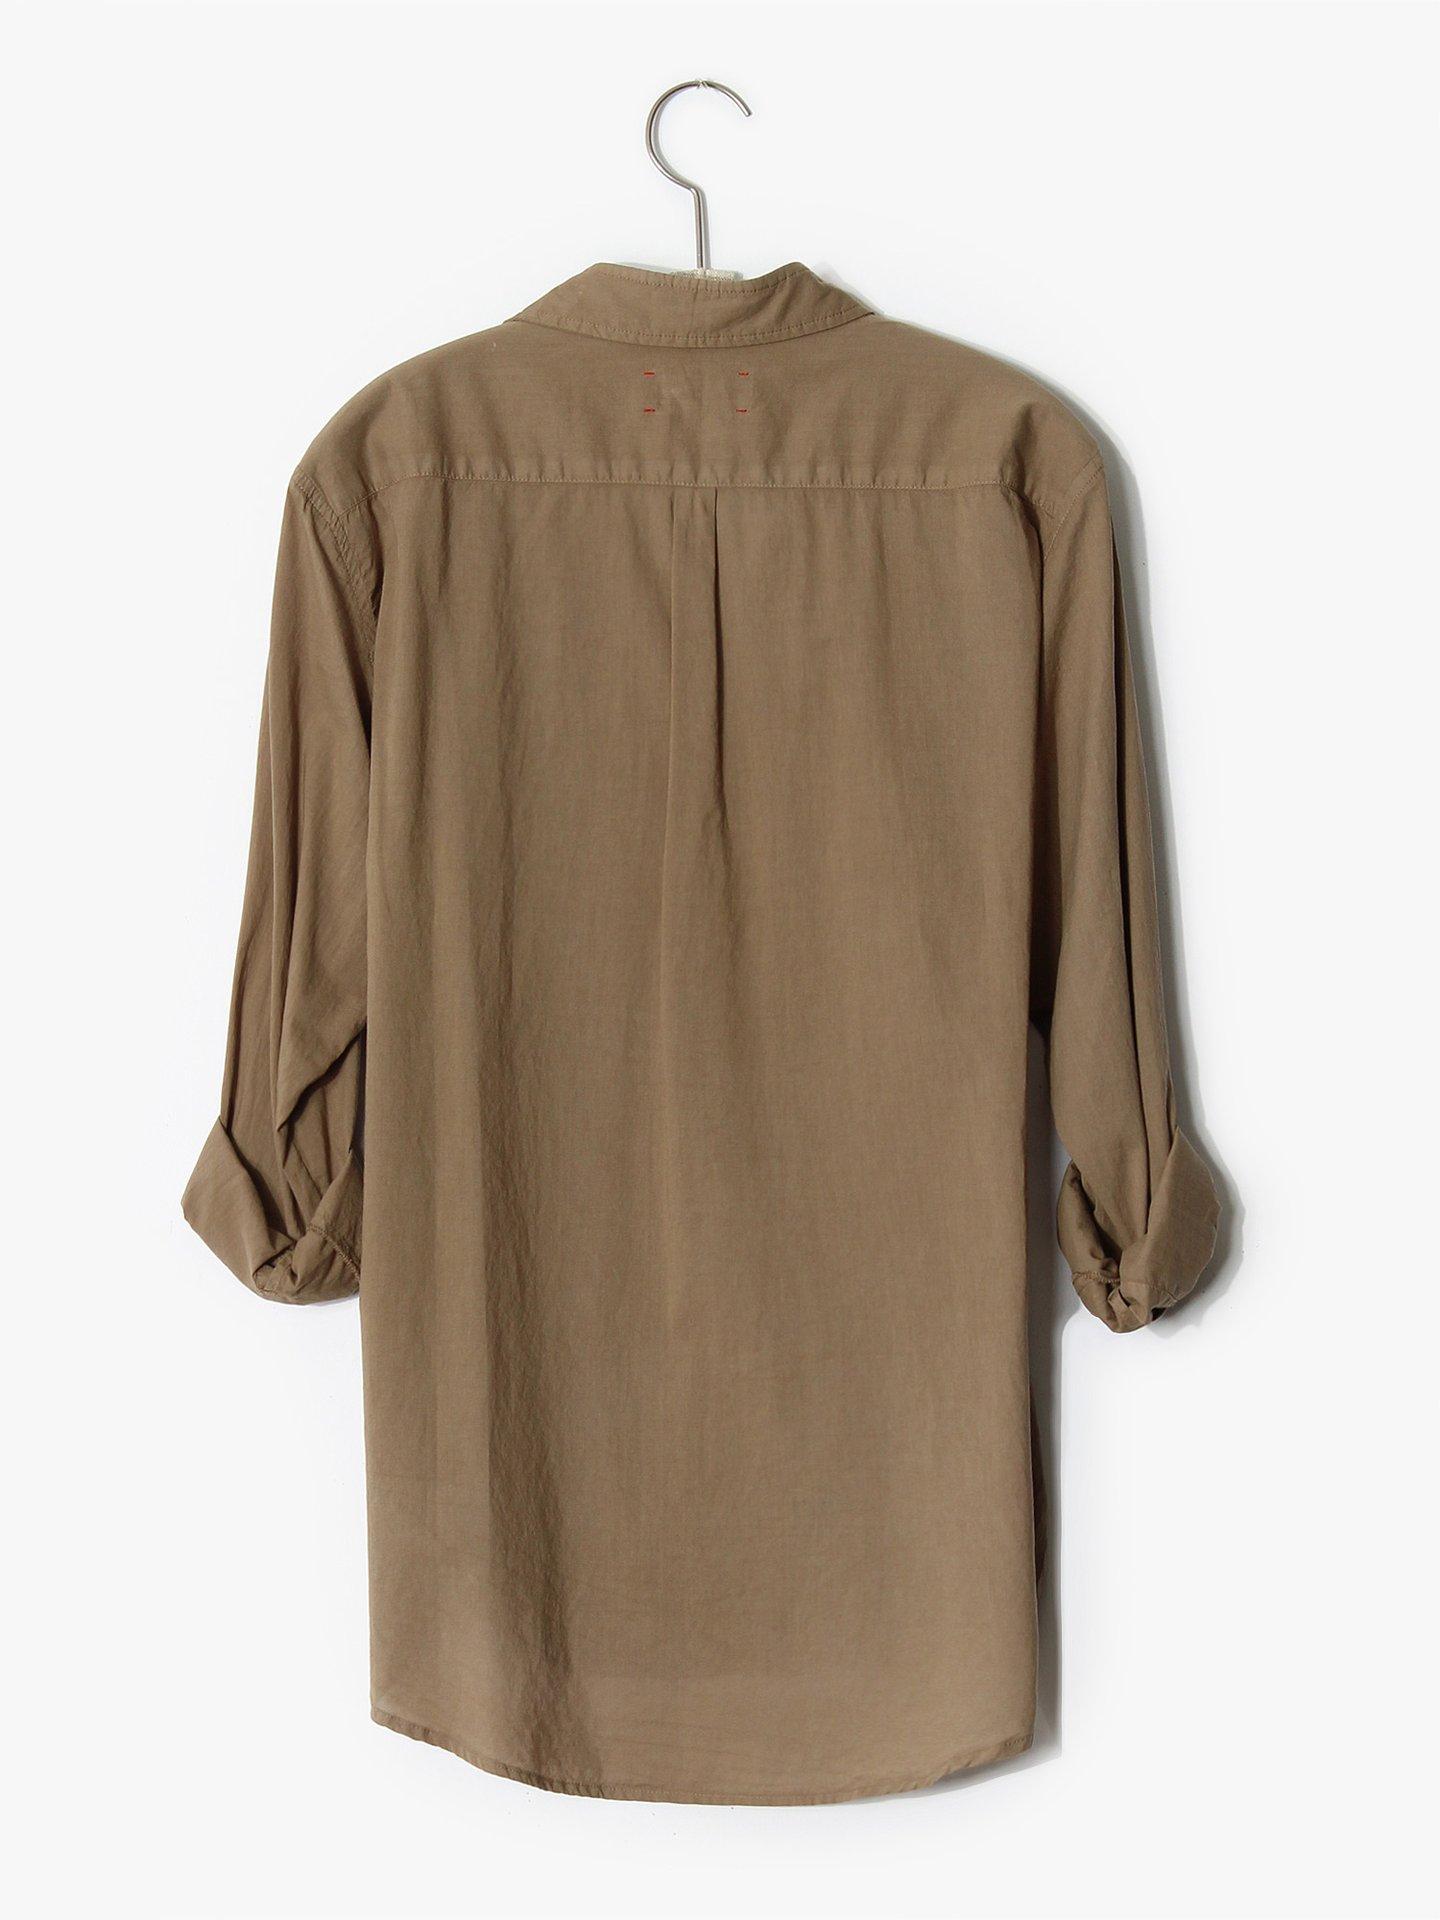 Beau, Xirena, Bluse, Oversized Shirt, Summer 2021